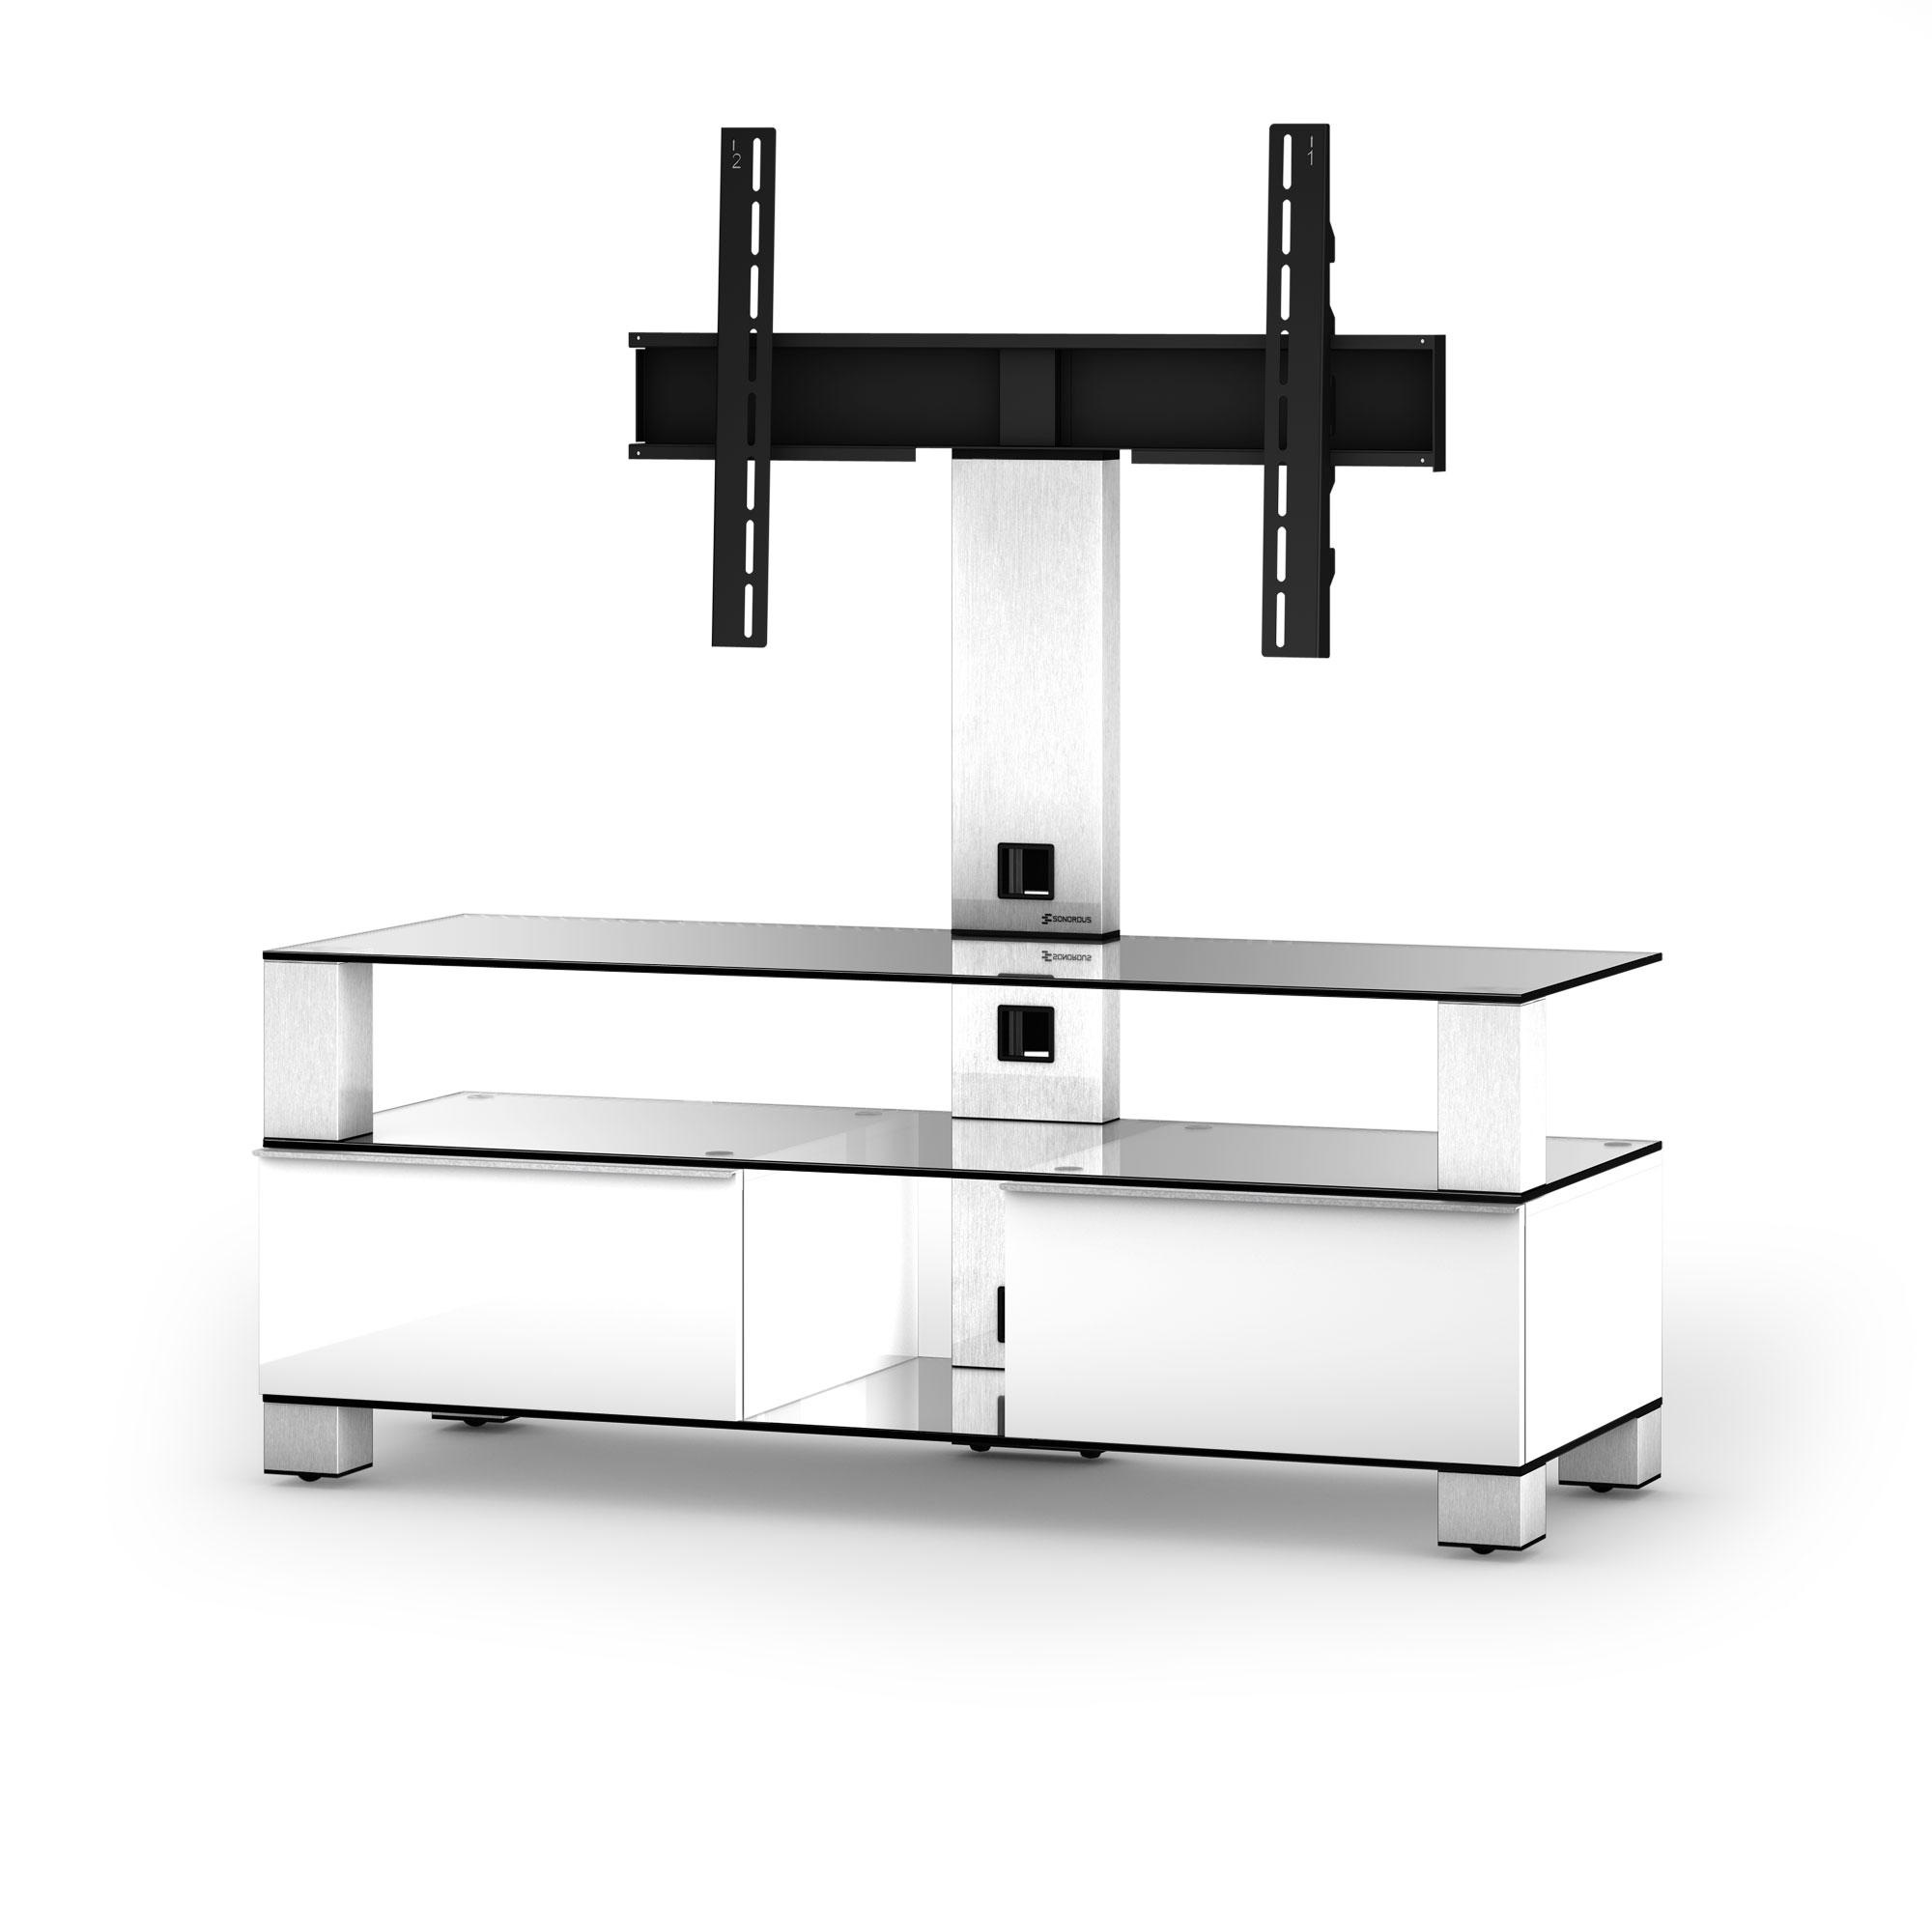 meuble tv sonorous md8123 c inx wht verre claire blanc laque avec support